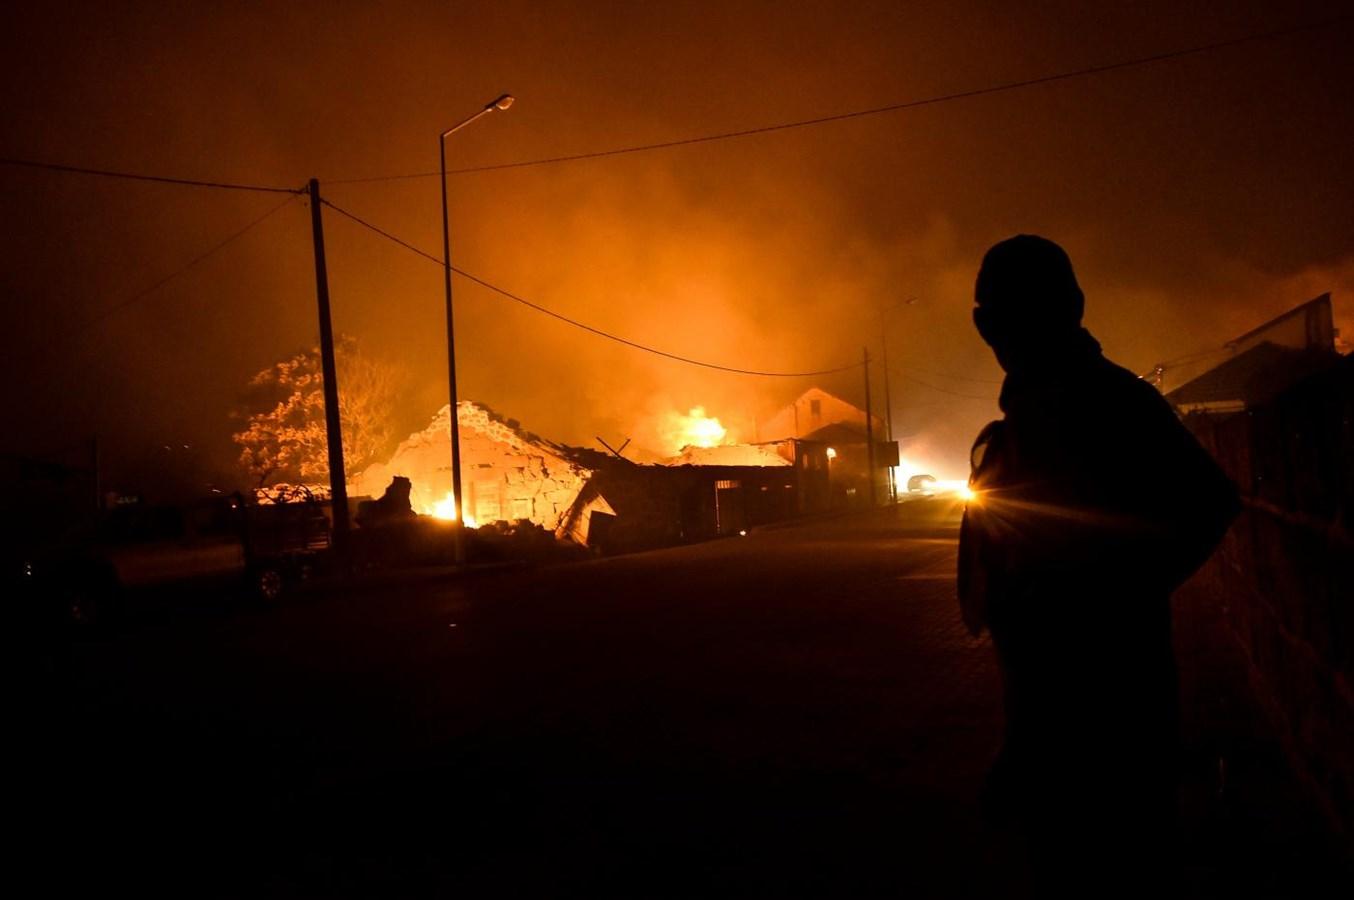 O pior dia do ano de incêndios em imagens